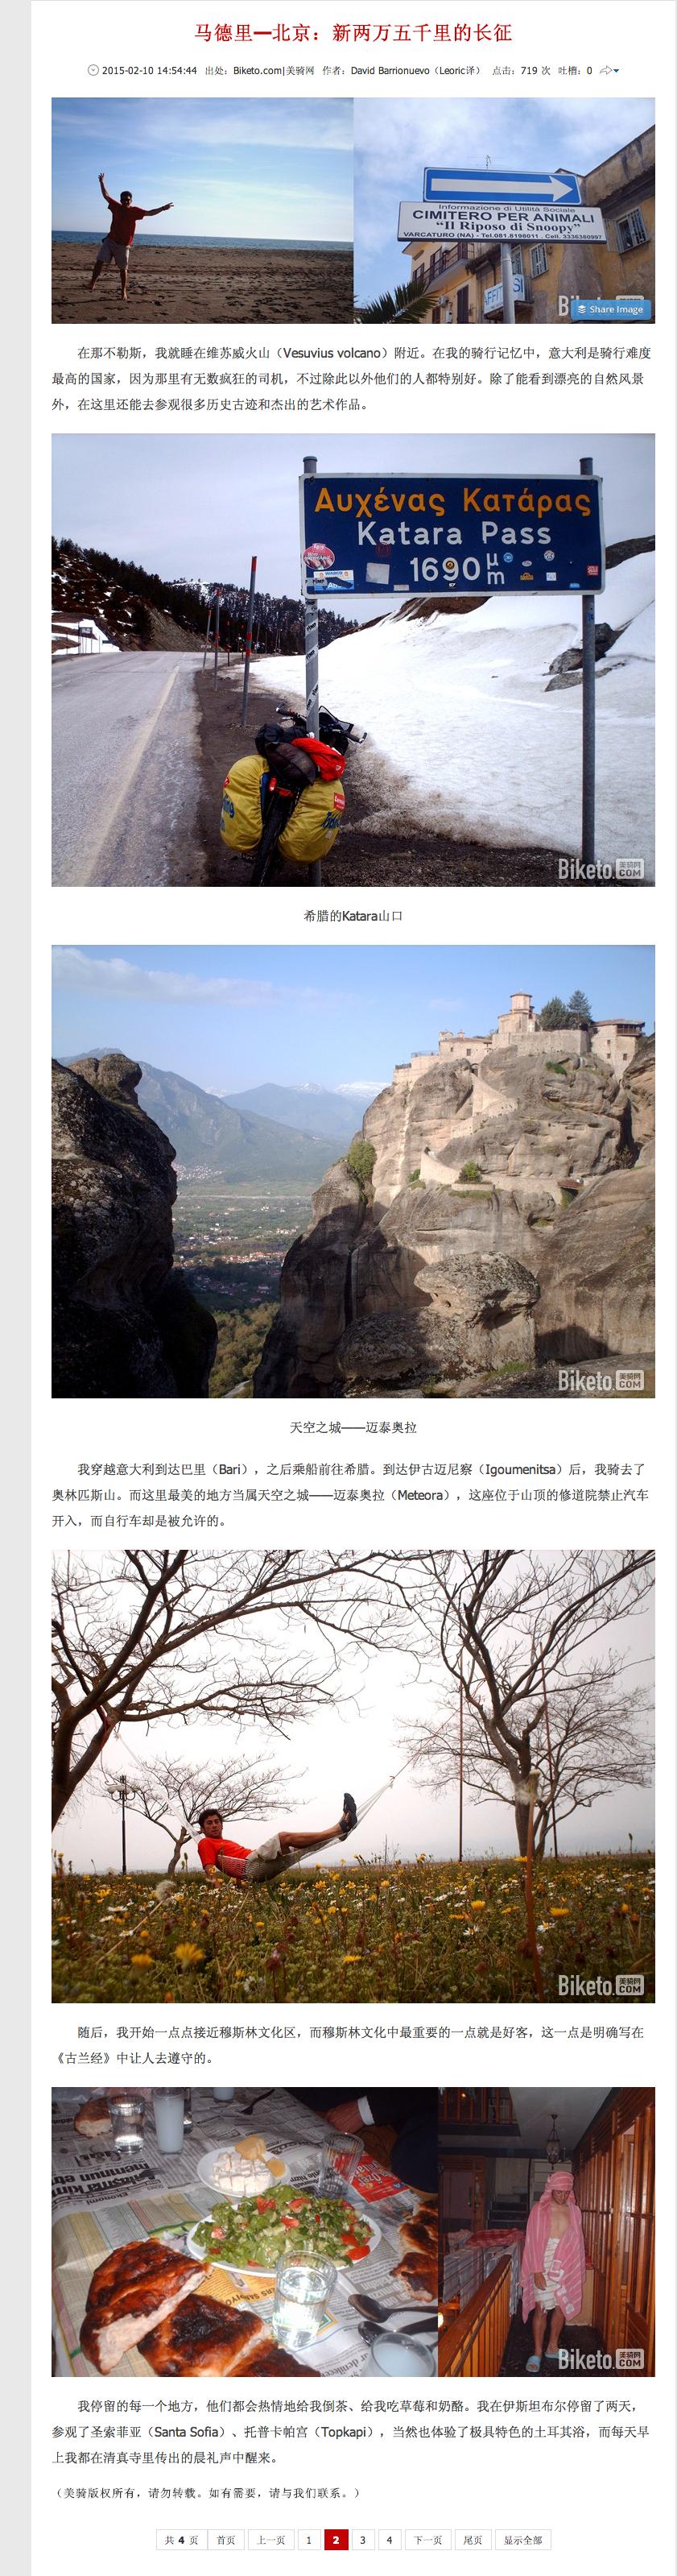 马德里—北京:新两万五千里的长征第2页   BIKETO自行车网